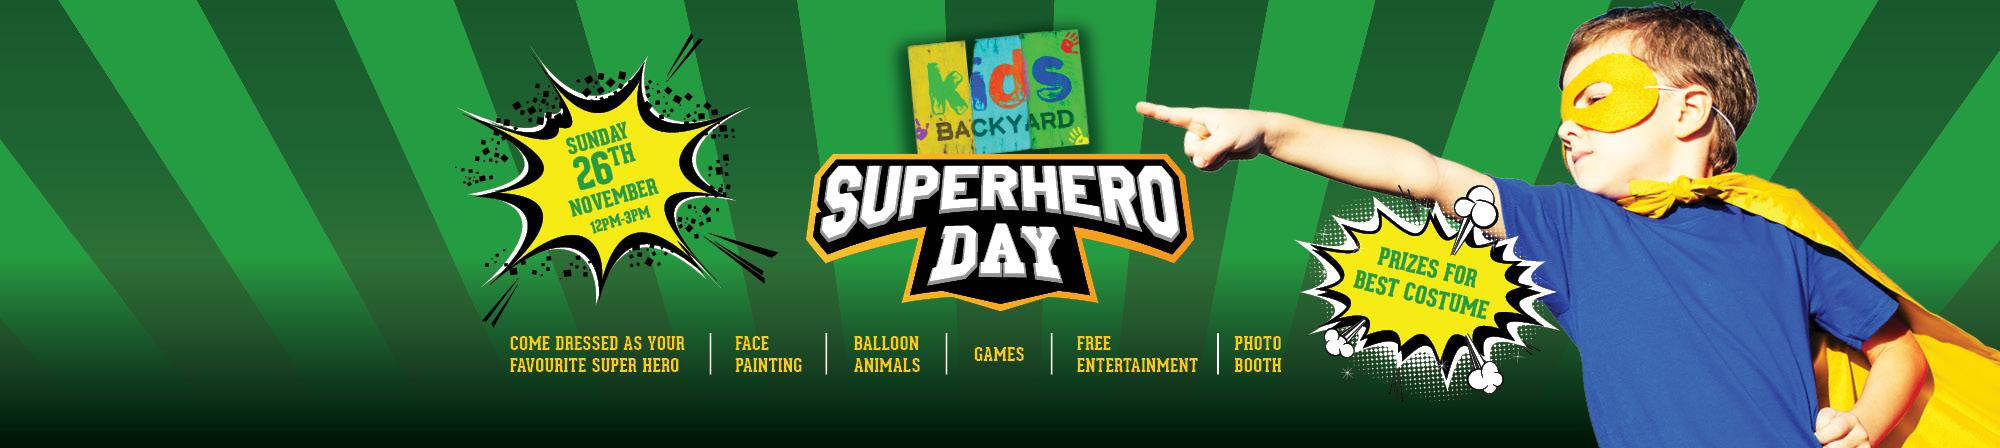 Kids-Backyard-Superhero-Day-2000x448